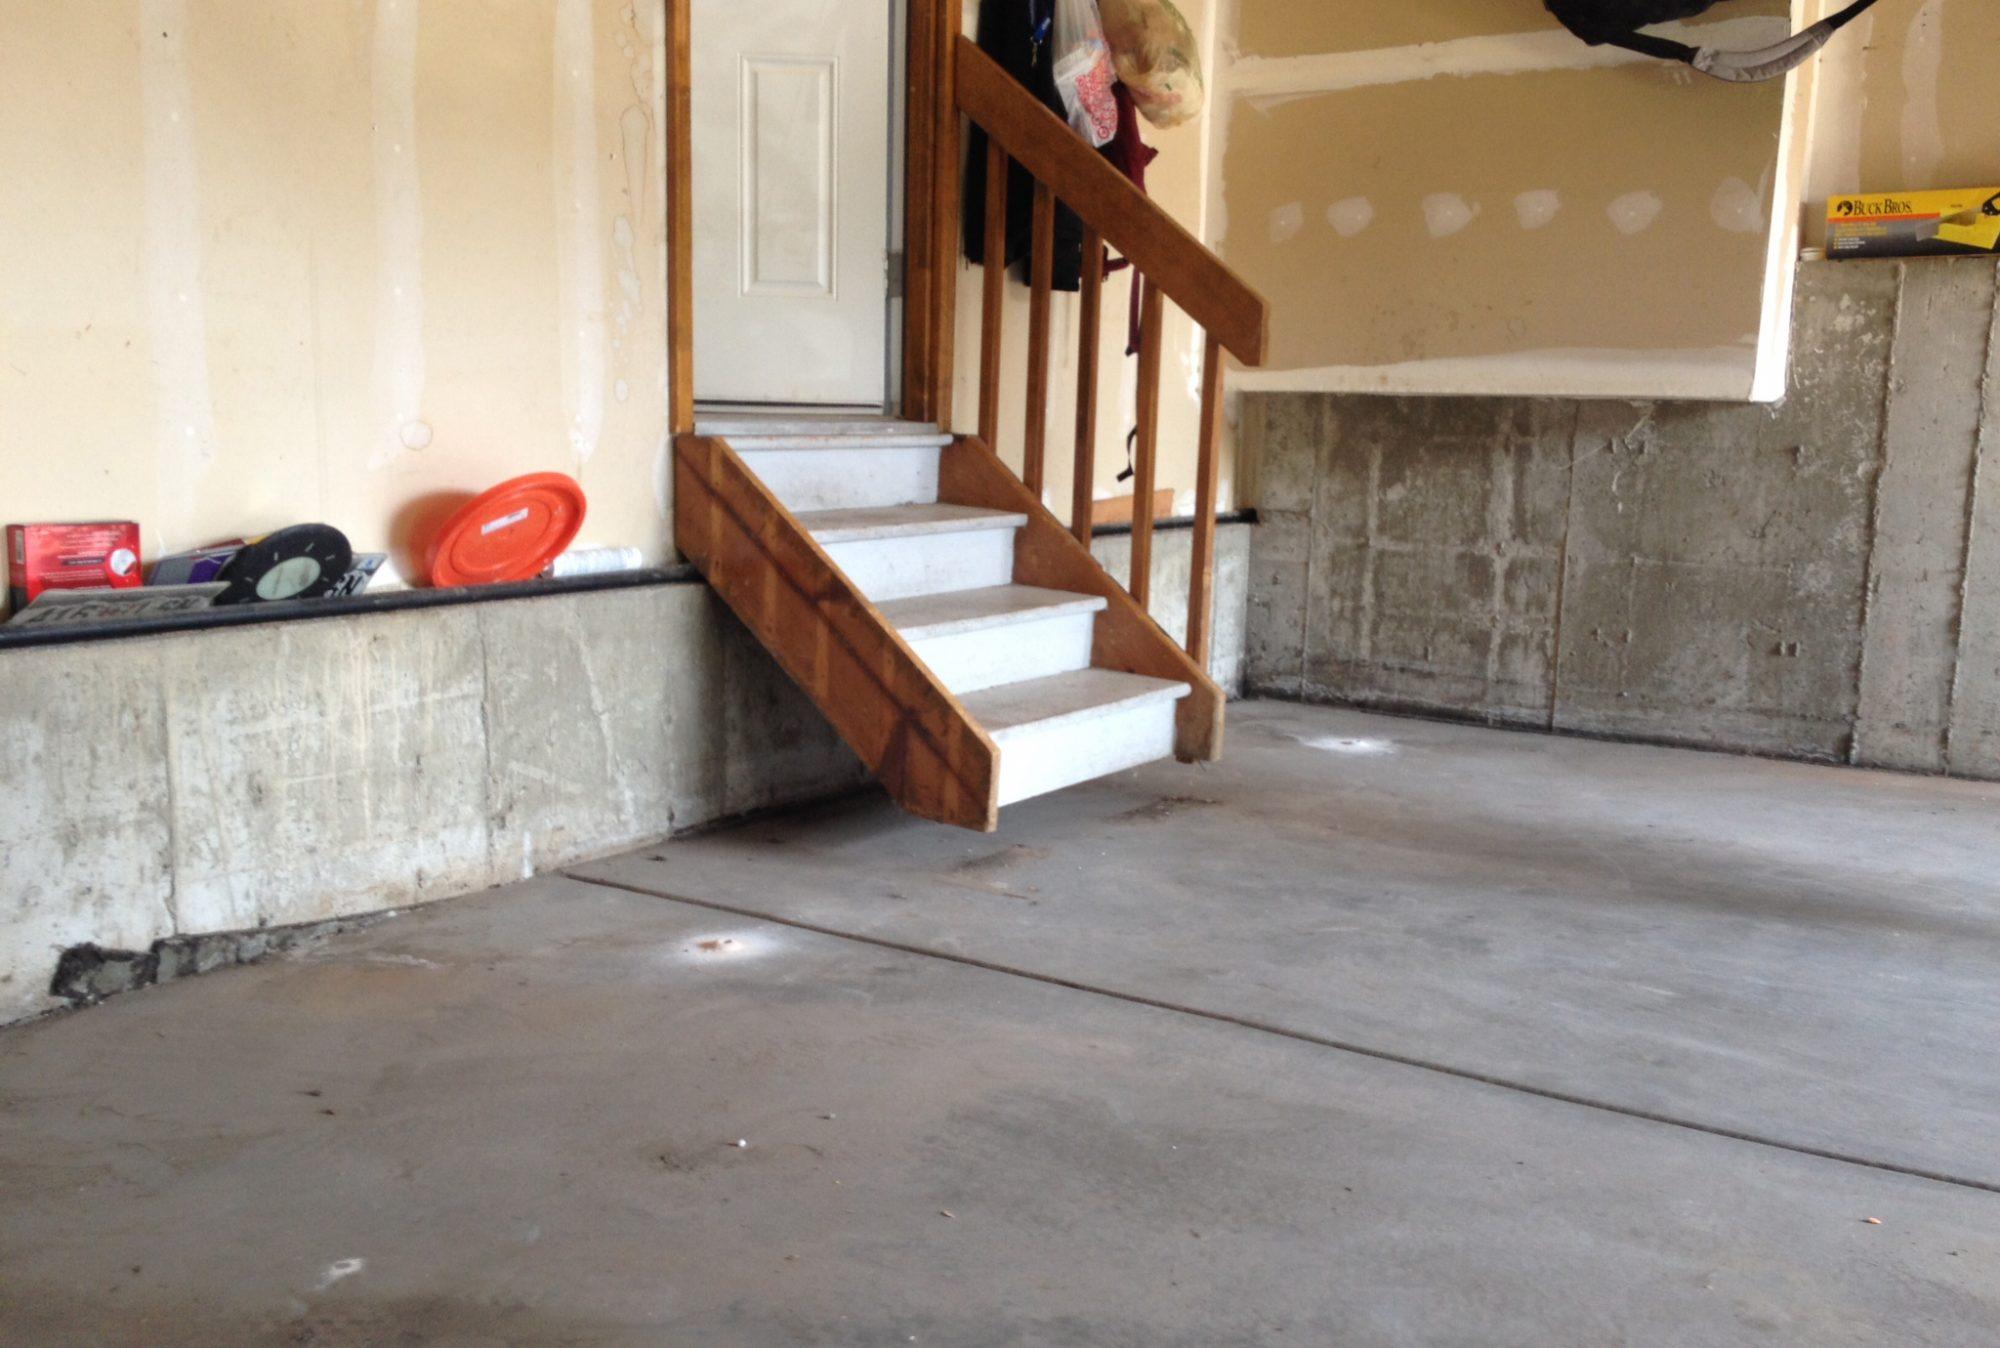 Garage floor that has sunken